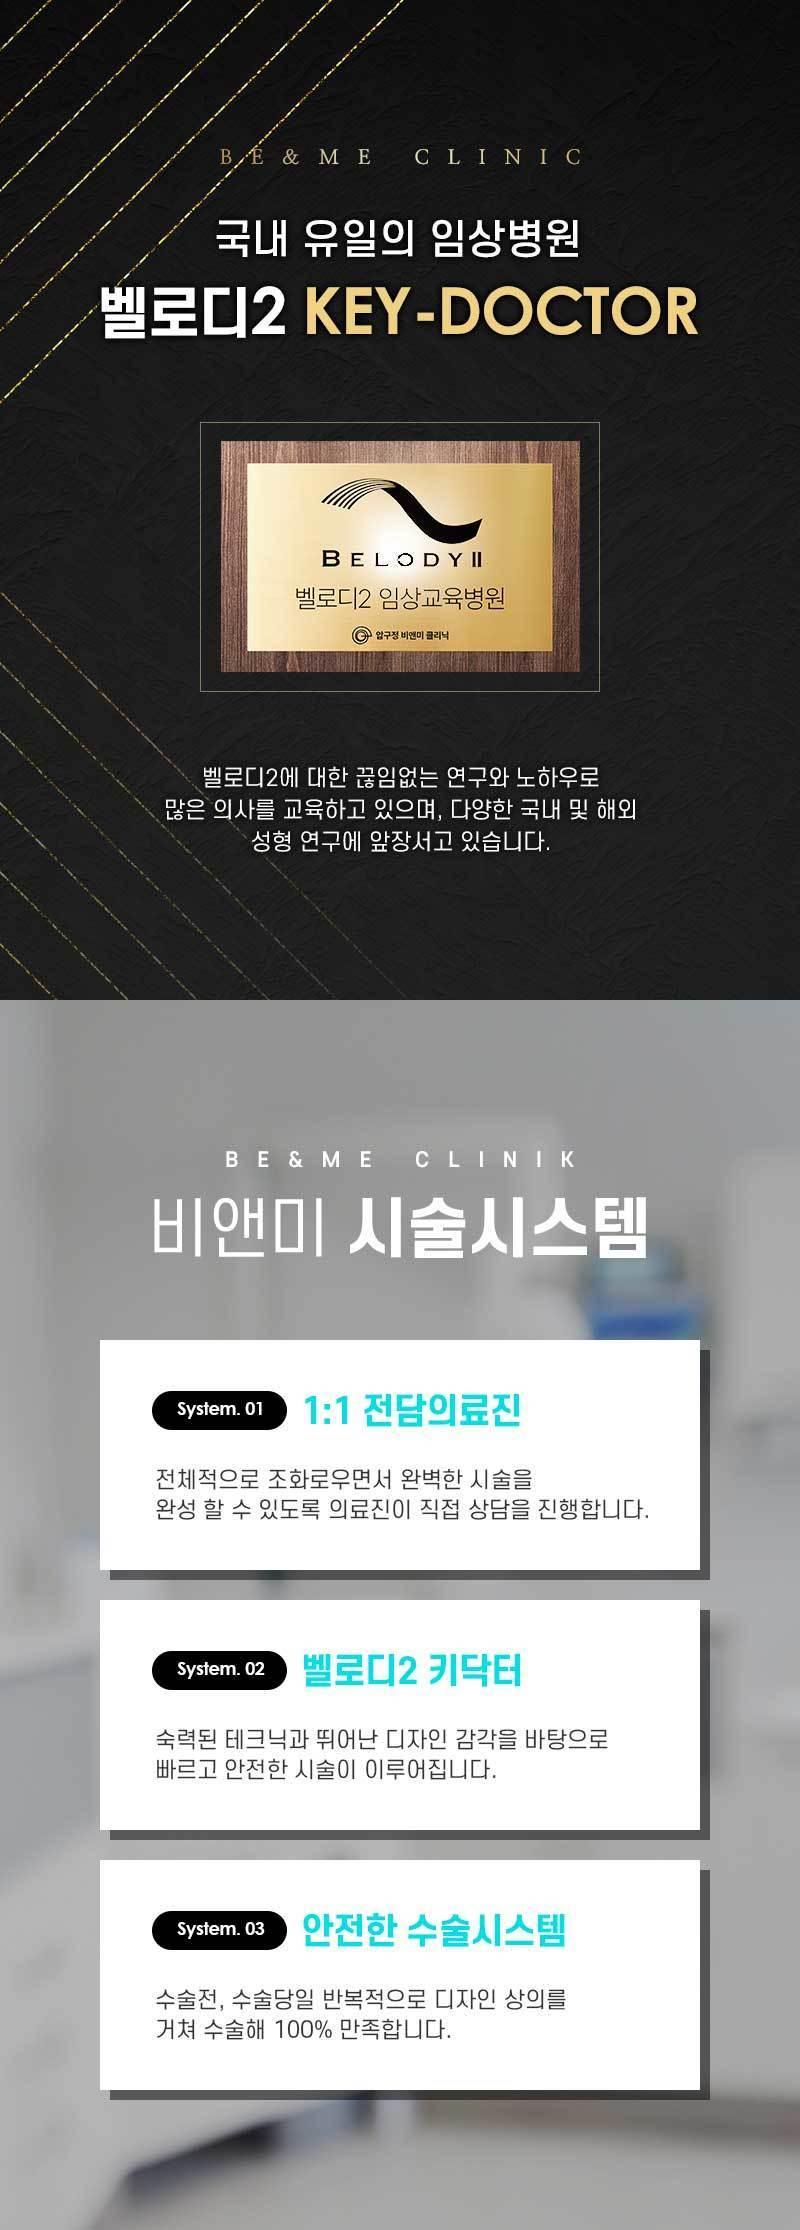 D event info 4fe9d34455ef4fe7de